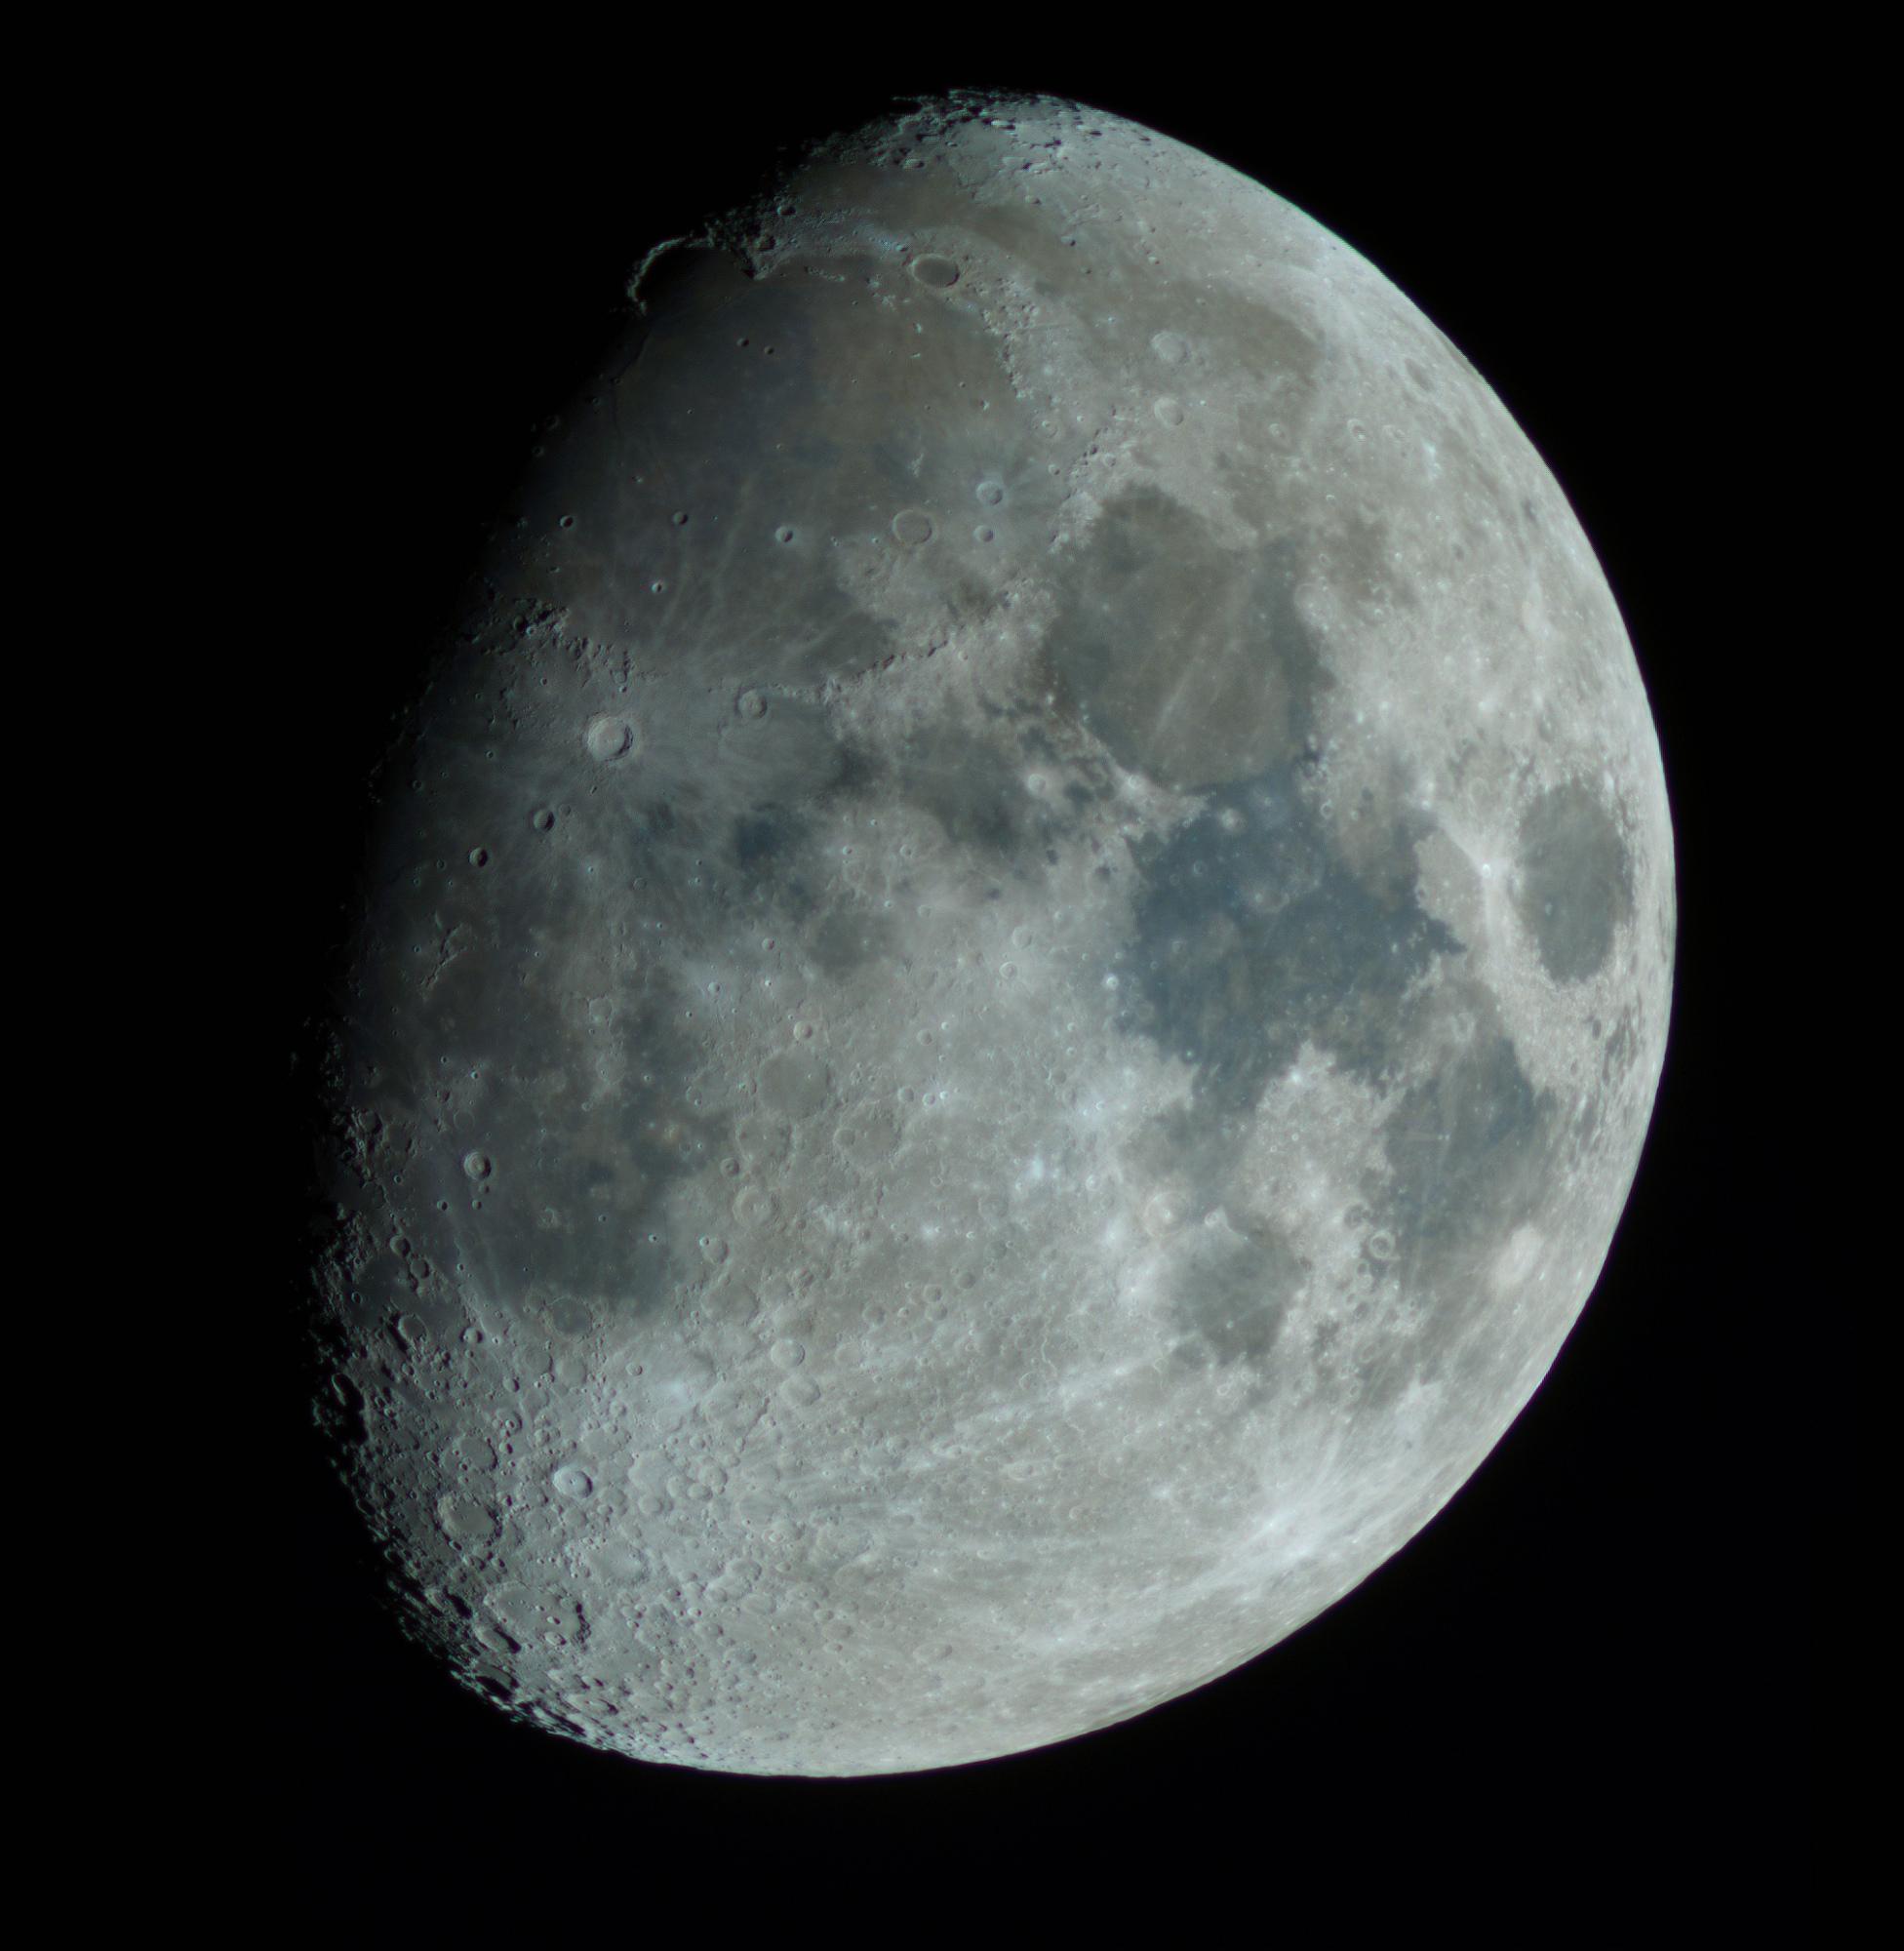 600da1b08ae10_Moon_222504_230121_ZWOASI462MC_RGB_AS_P10_lapl5_ap2055_stitch-finale.thumb.jpg.f7f298e07480bbdb779781925d38dead.jpg